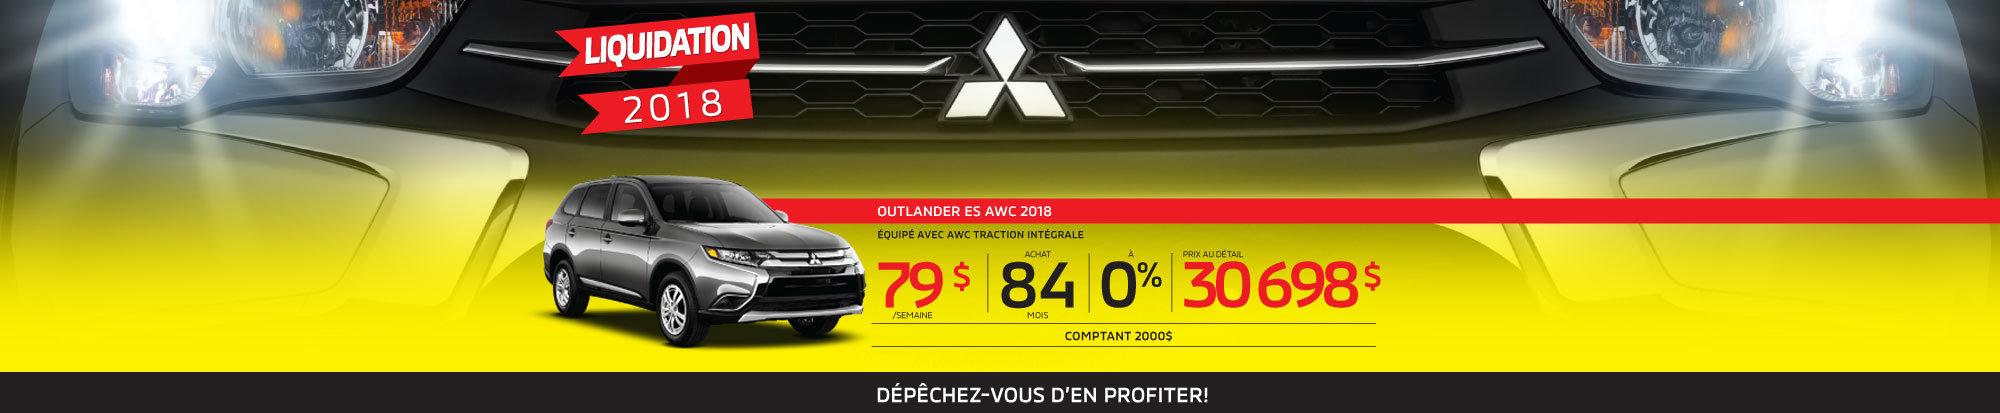 Le plus bas prix de l'année sur le Outlander 2018 web